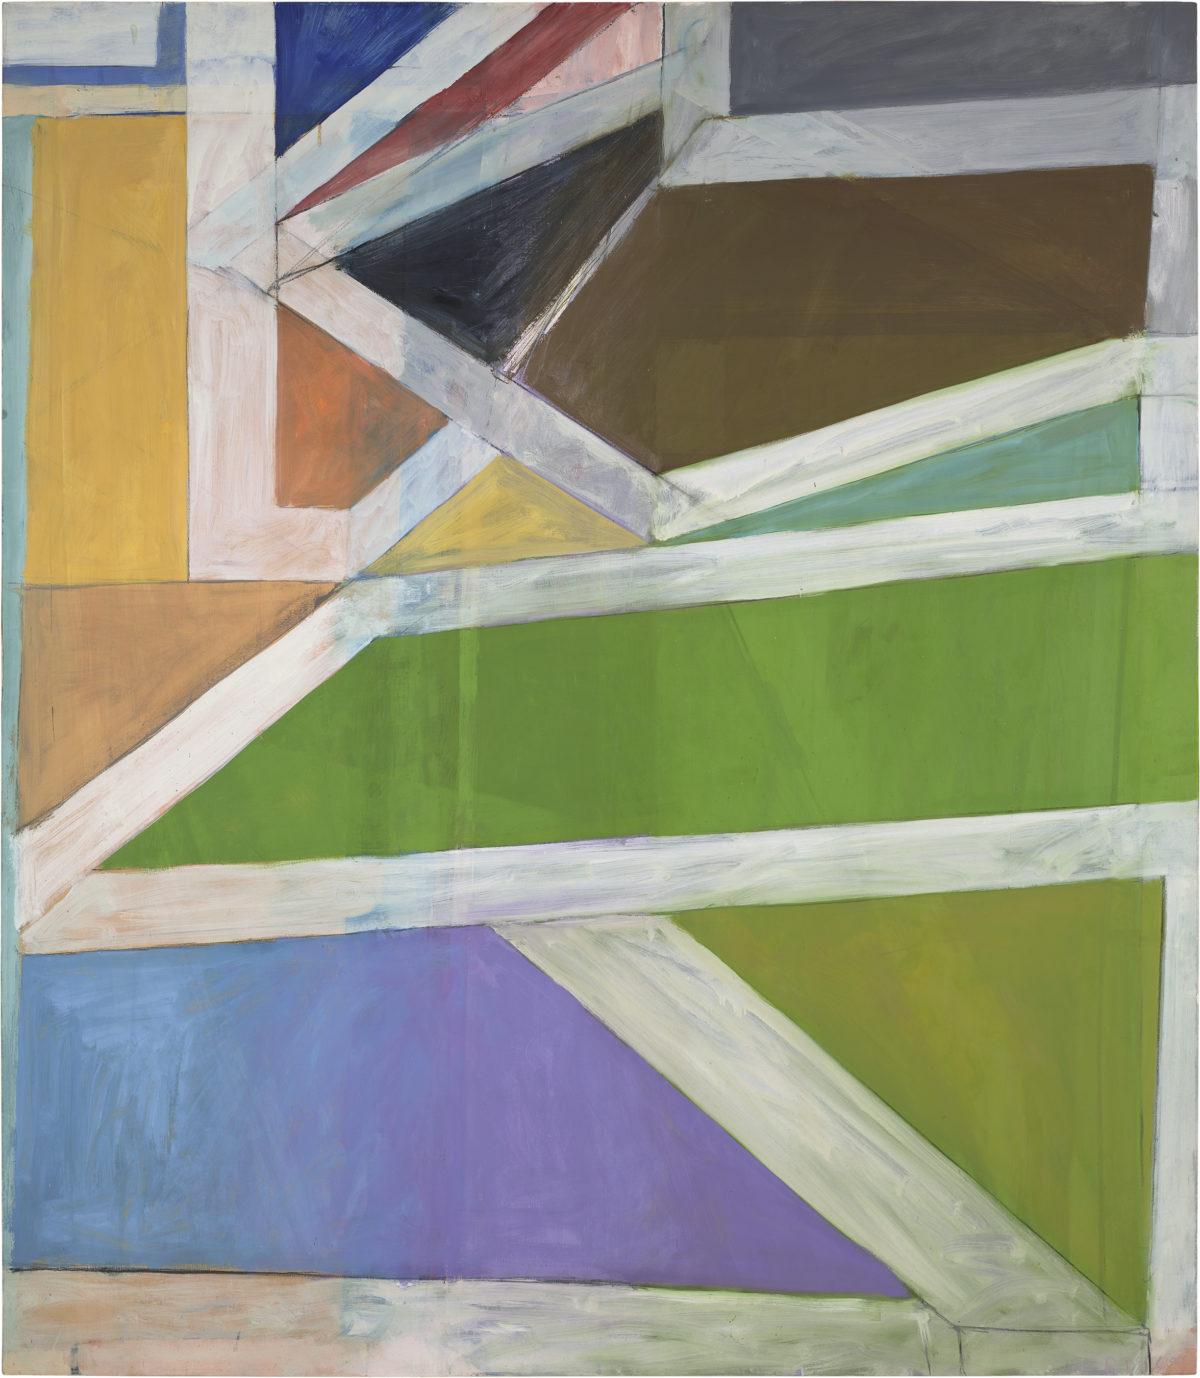 The Genius Next Door: What Legendary Painter Richard Diebenkorn Taught Artist Tony Berlant